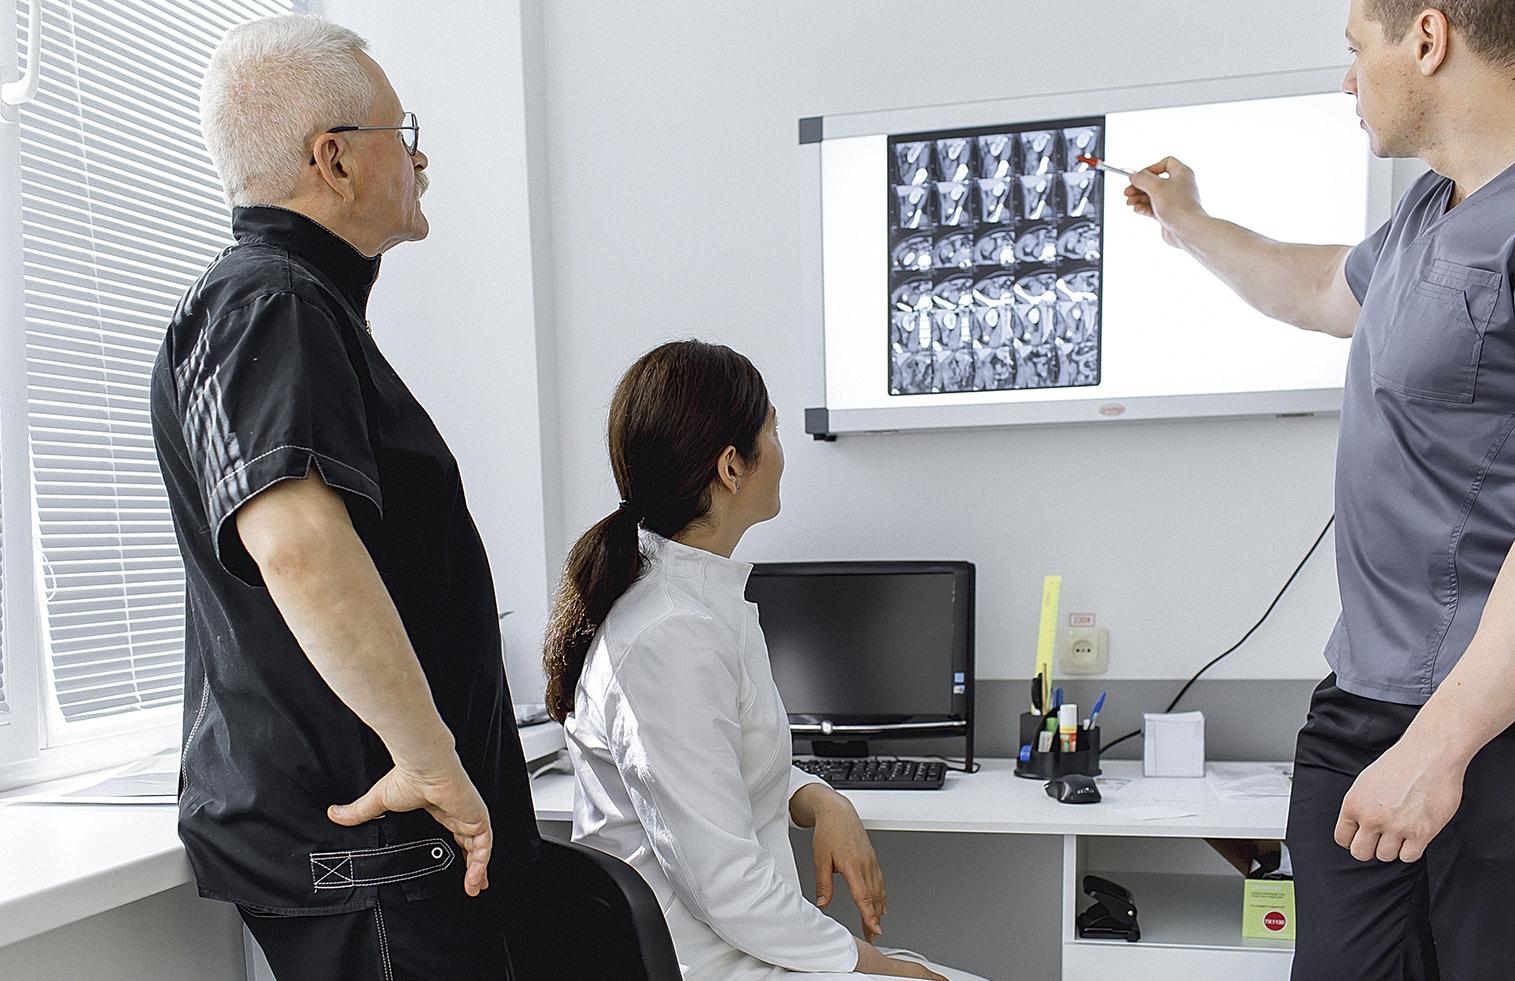 Ординаторская центра травматологии и ортопедии